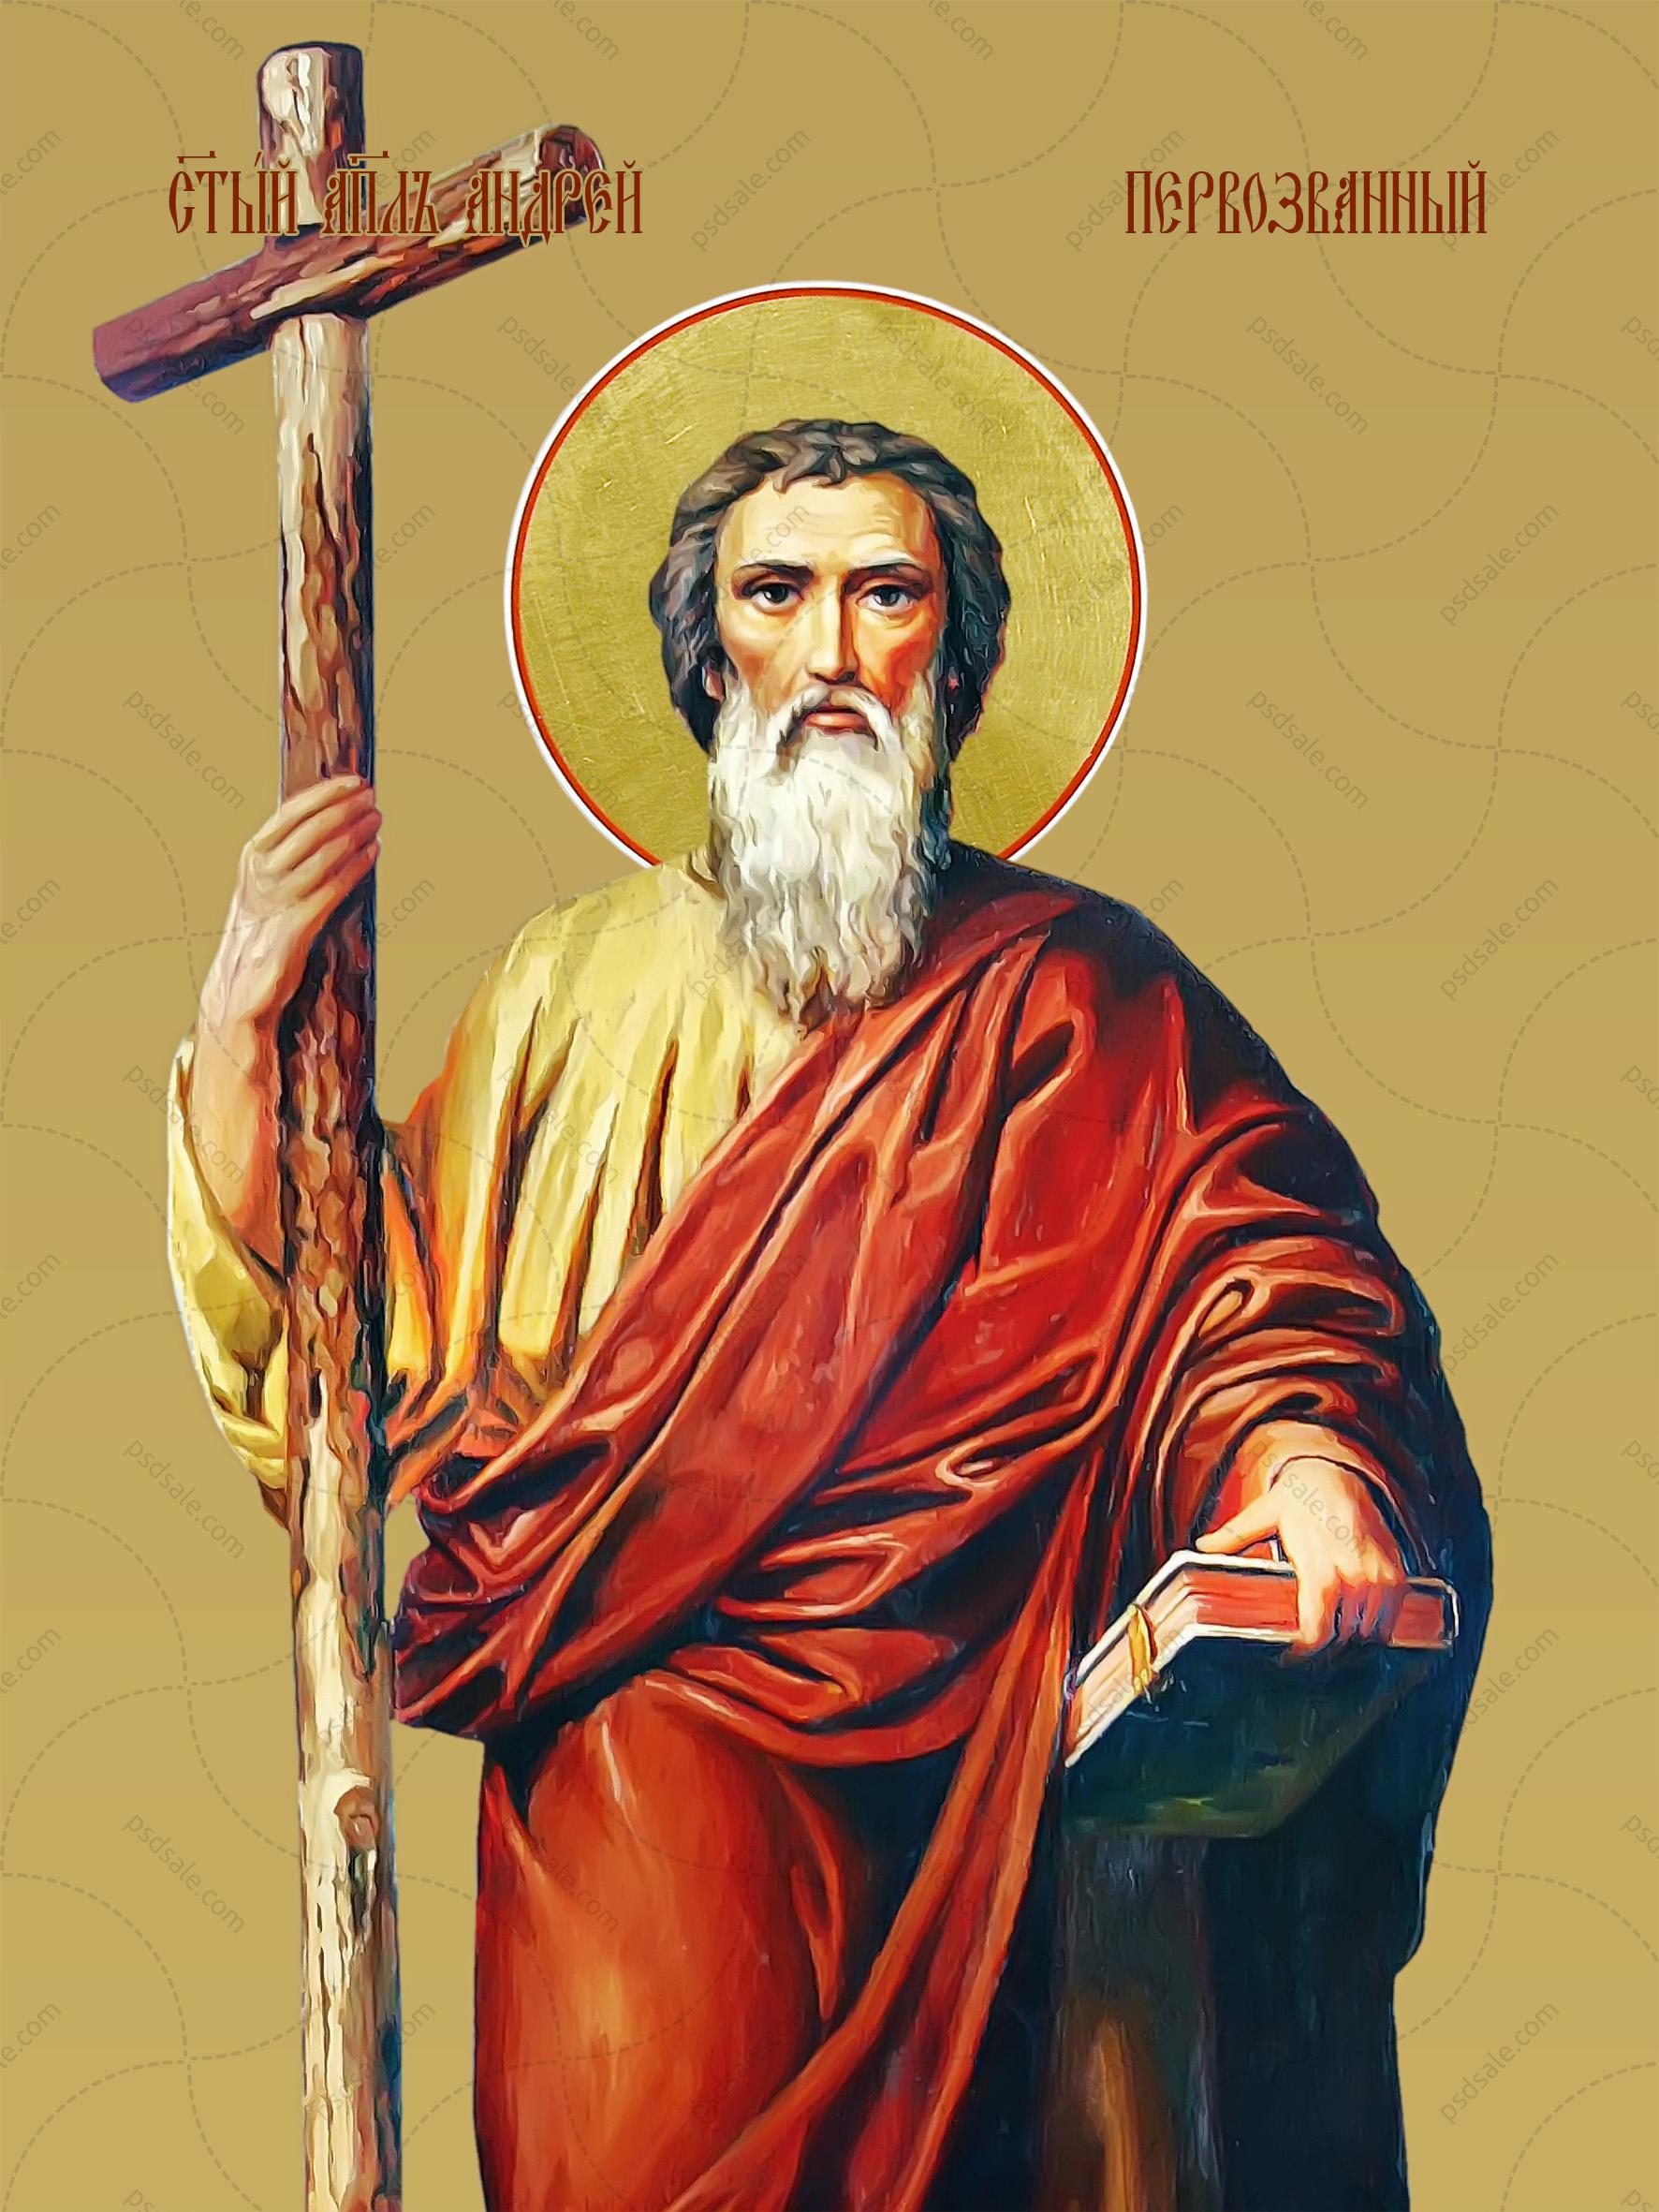 Андрей Первозванный, святой апостол